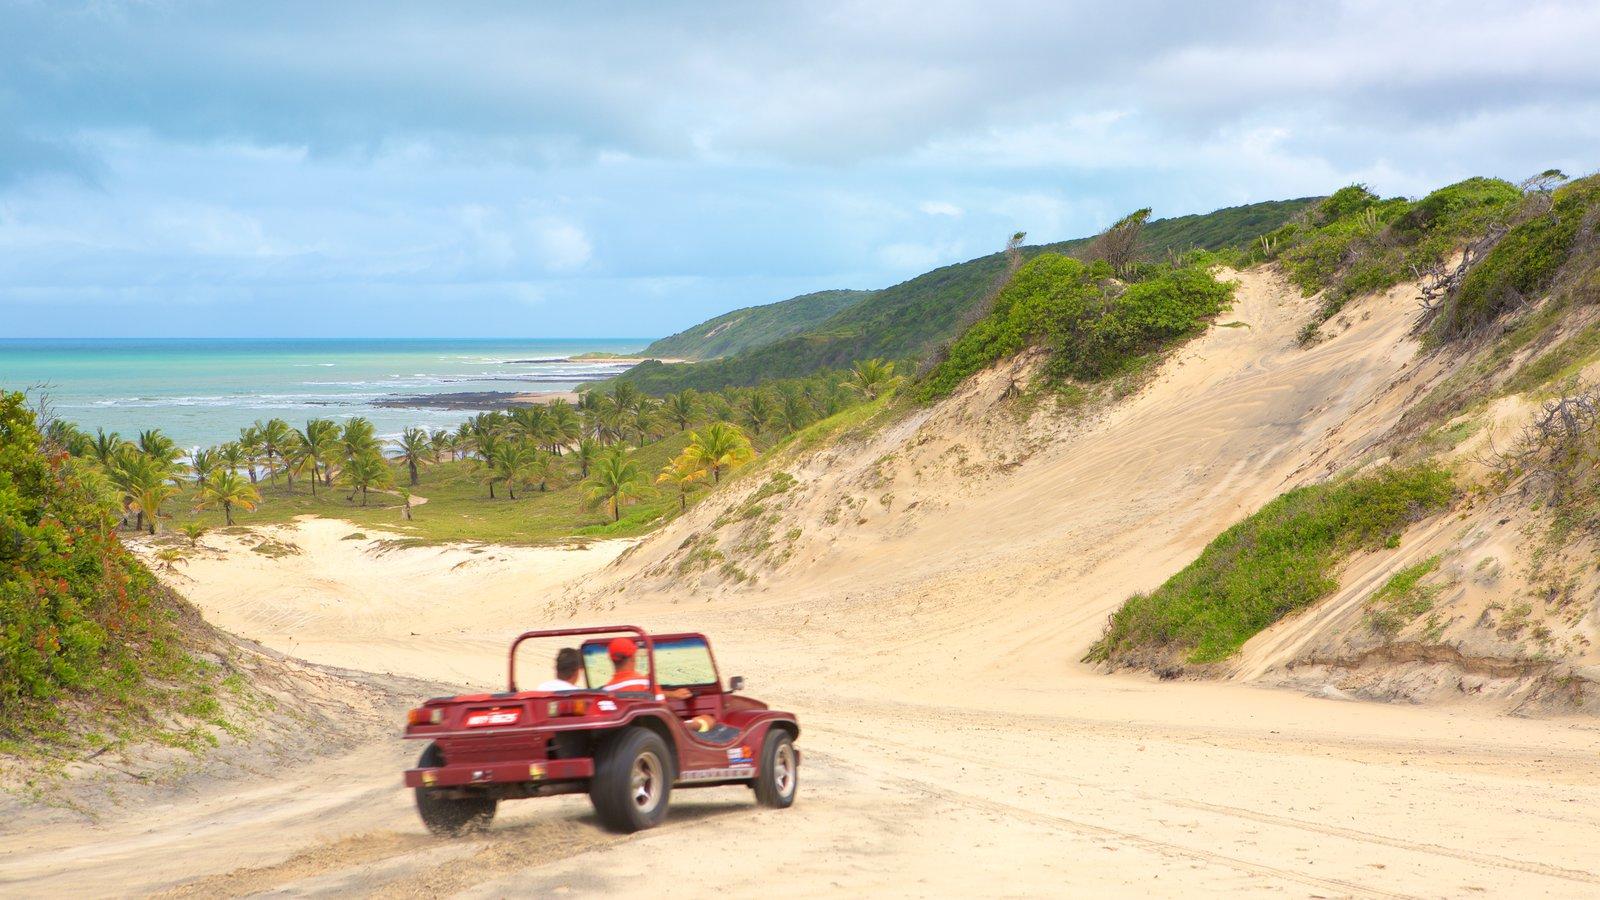 Baía Formosa caracterizando uma praia de areia, paisagens litorâneas e off-road